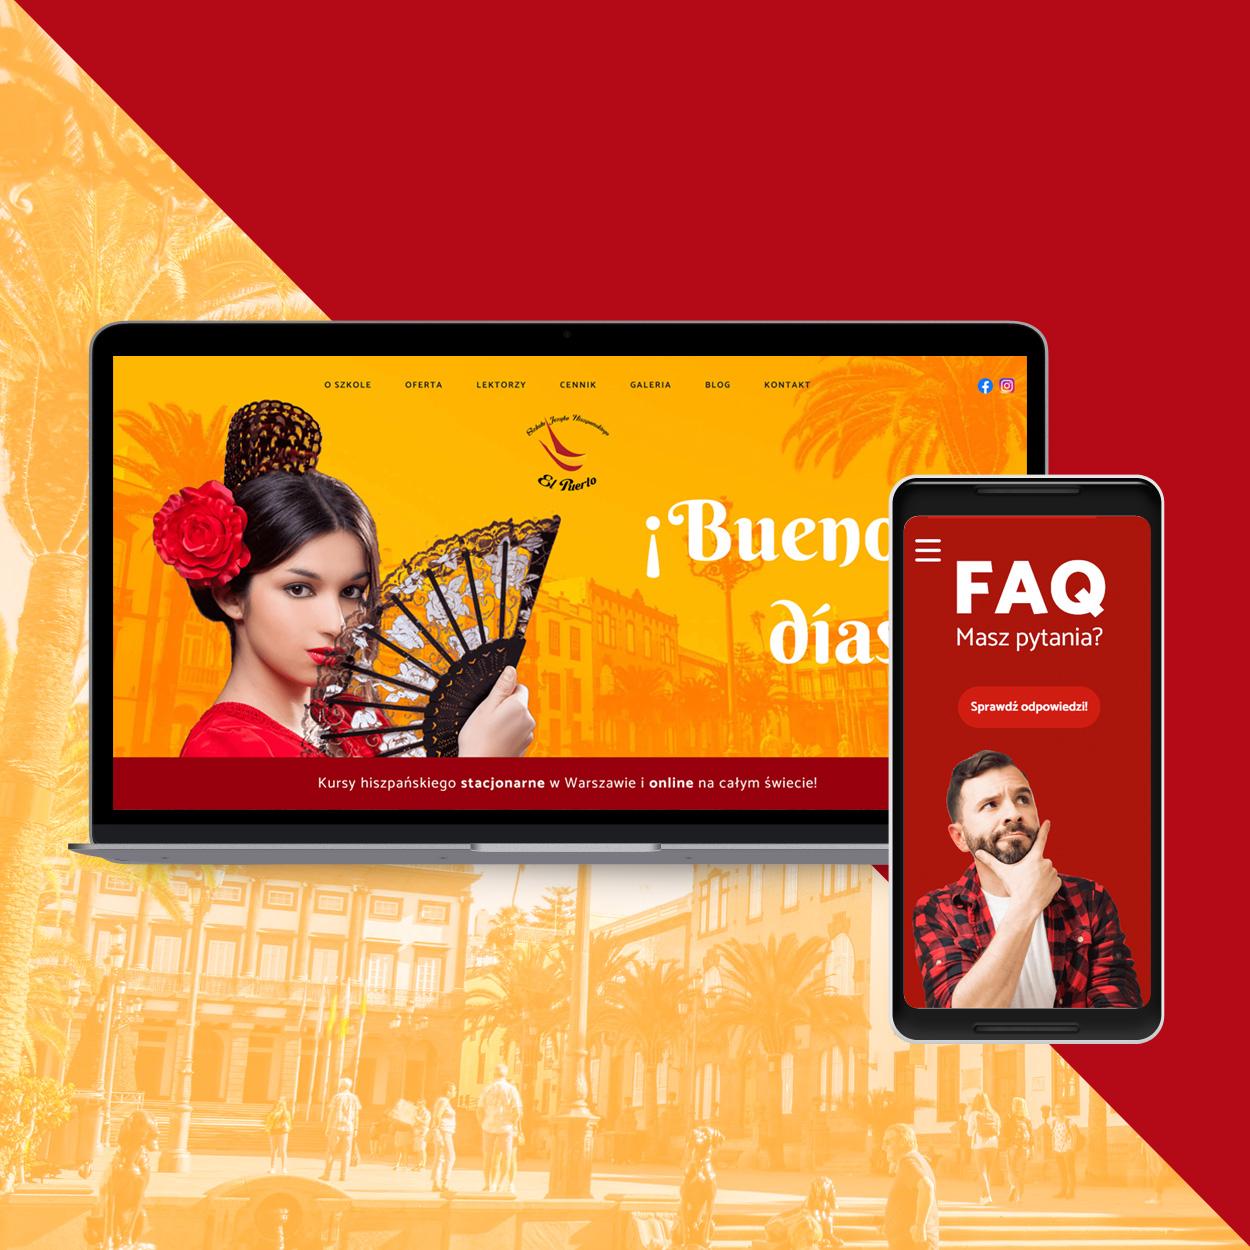 strona internetowa dla szkoly jezykowej hiszpanskiego elpuerto - Projektowanie stron www - Szkoła Języka Hiszpańskiego ElPuerto